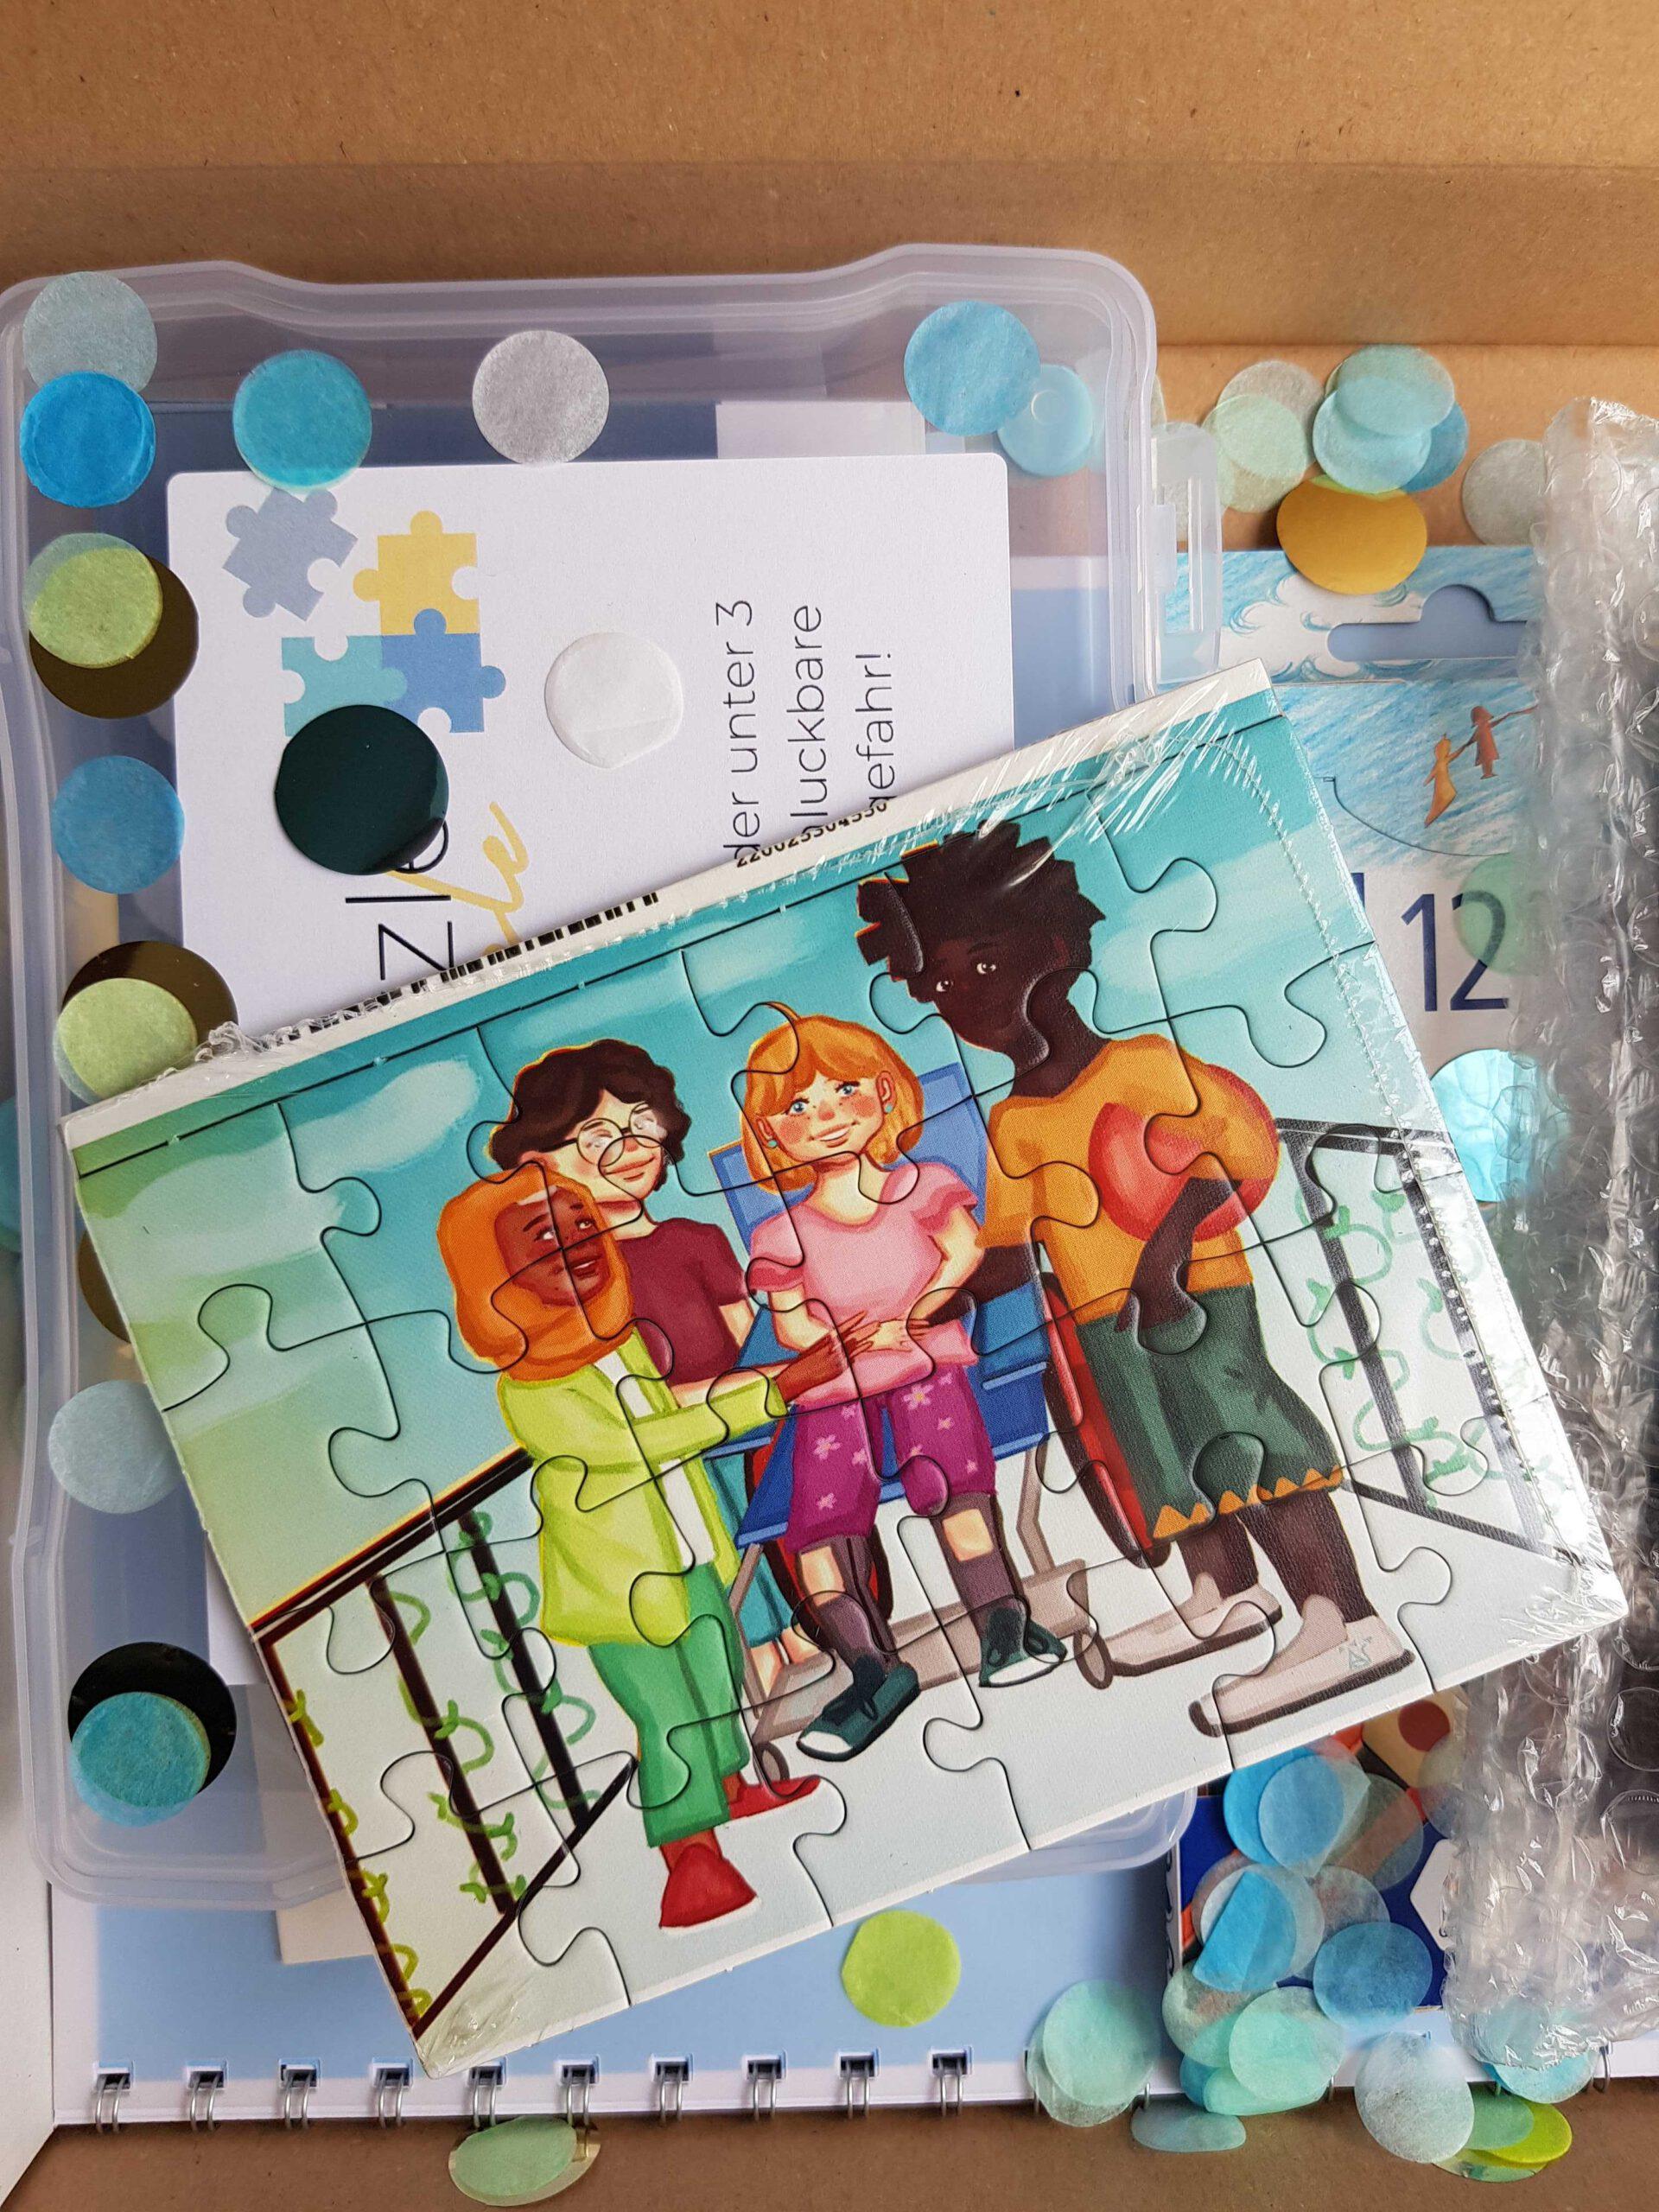 Das Bild zeigt das Puzzle der Inklusiven Kreativbox. Auf dem Puzzlemotiv ist eine vielfältige kleine Gruppe von Kindern zu sehen, die auf einer Brücke stehen und freundlich lachen. © Servicestelle Jugendbeteiligung e.V., 2021